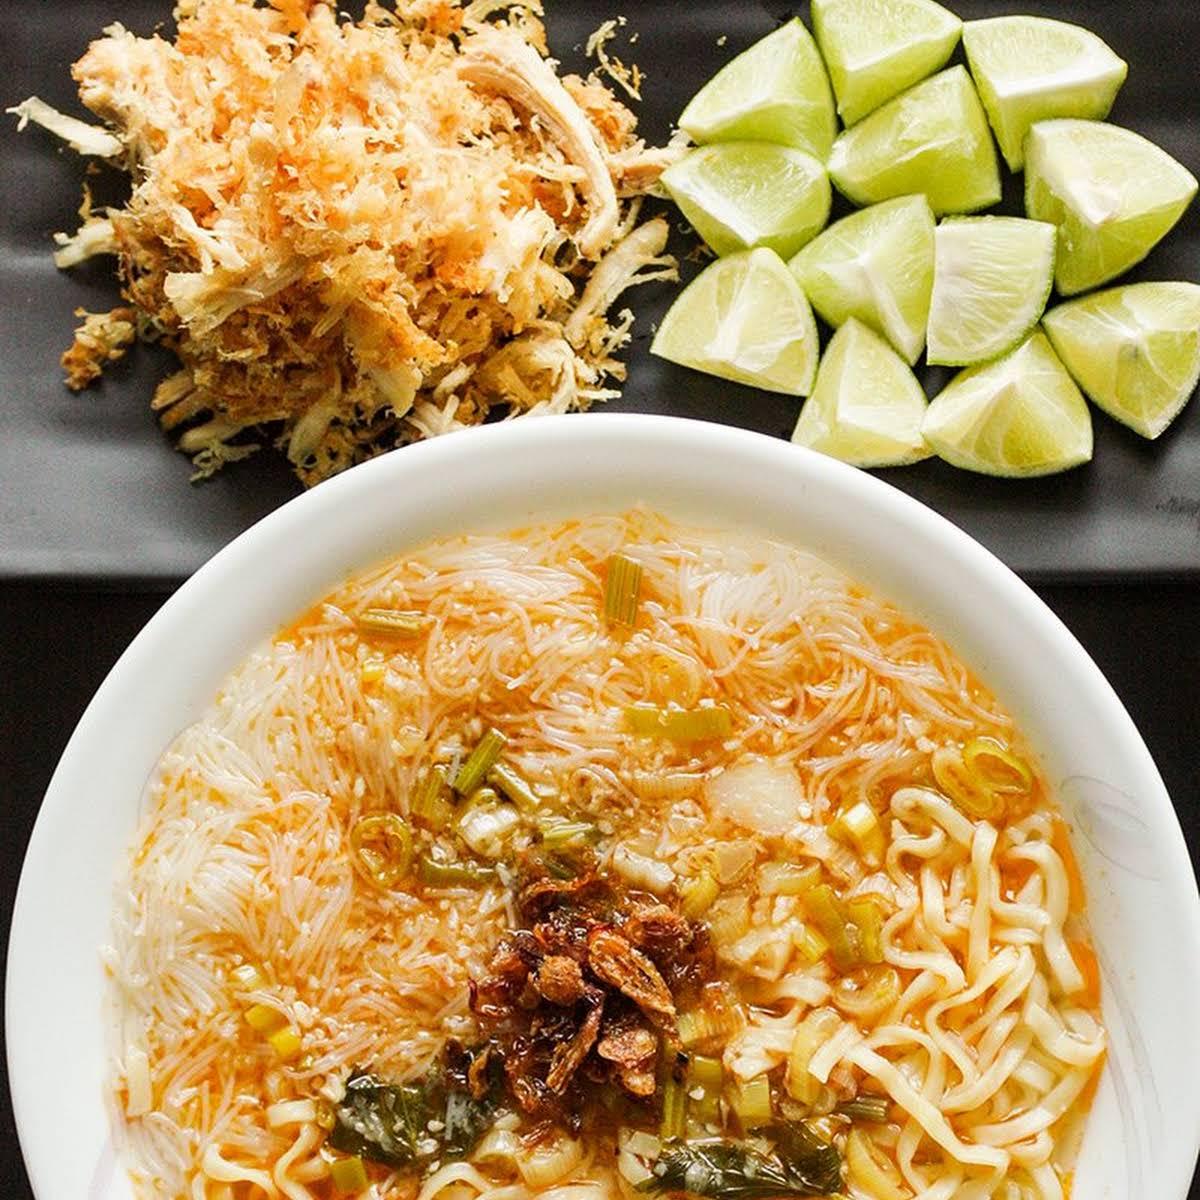 Mi Sop Medan - Medan Style Chicken Noodle Soup